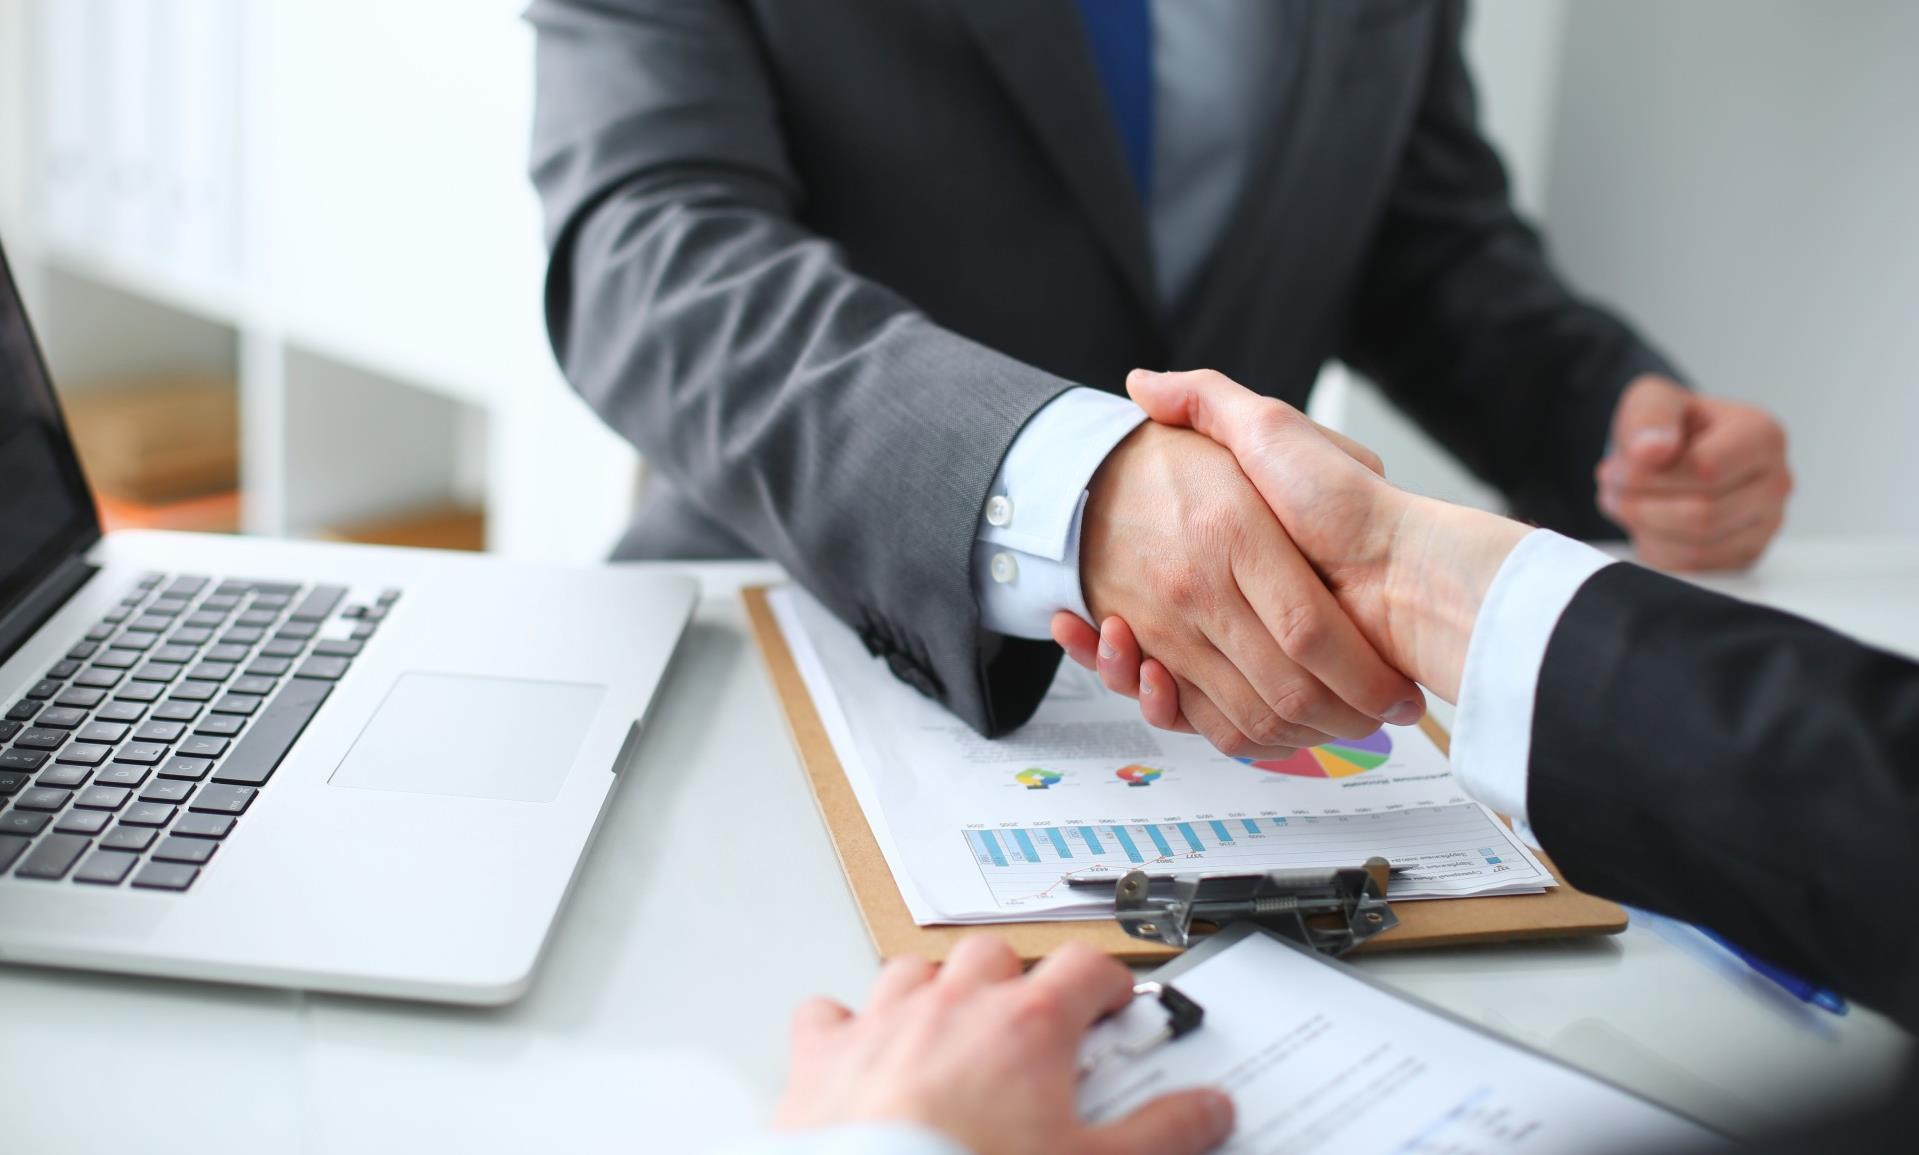 Кредиты для бизнеса: условия и программы для малого бизнеса. Как и где получить кредит юридическому лицу?